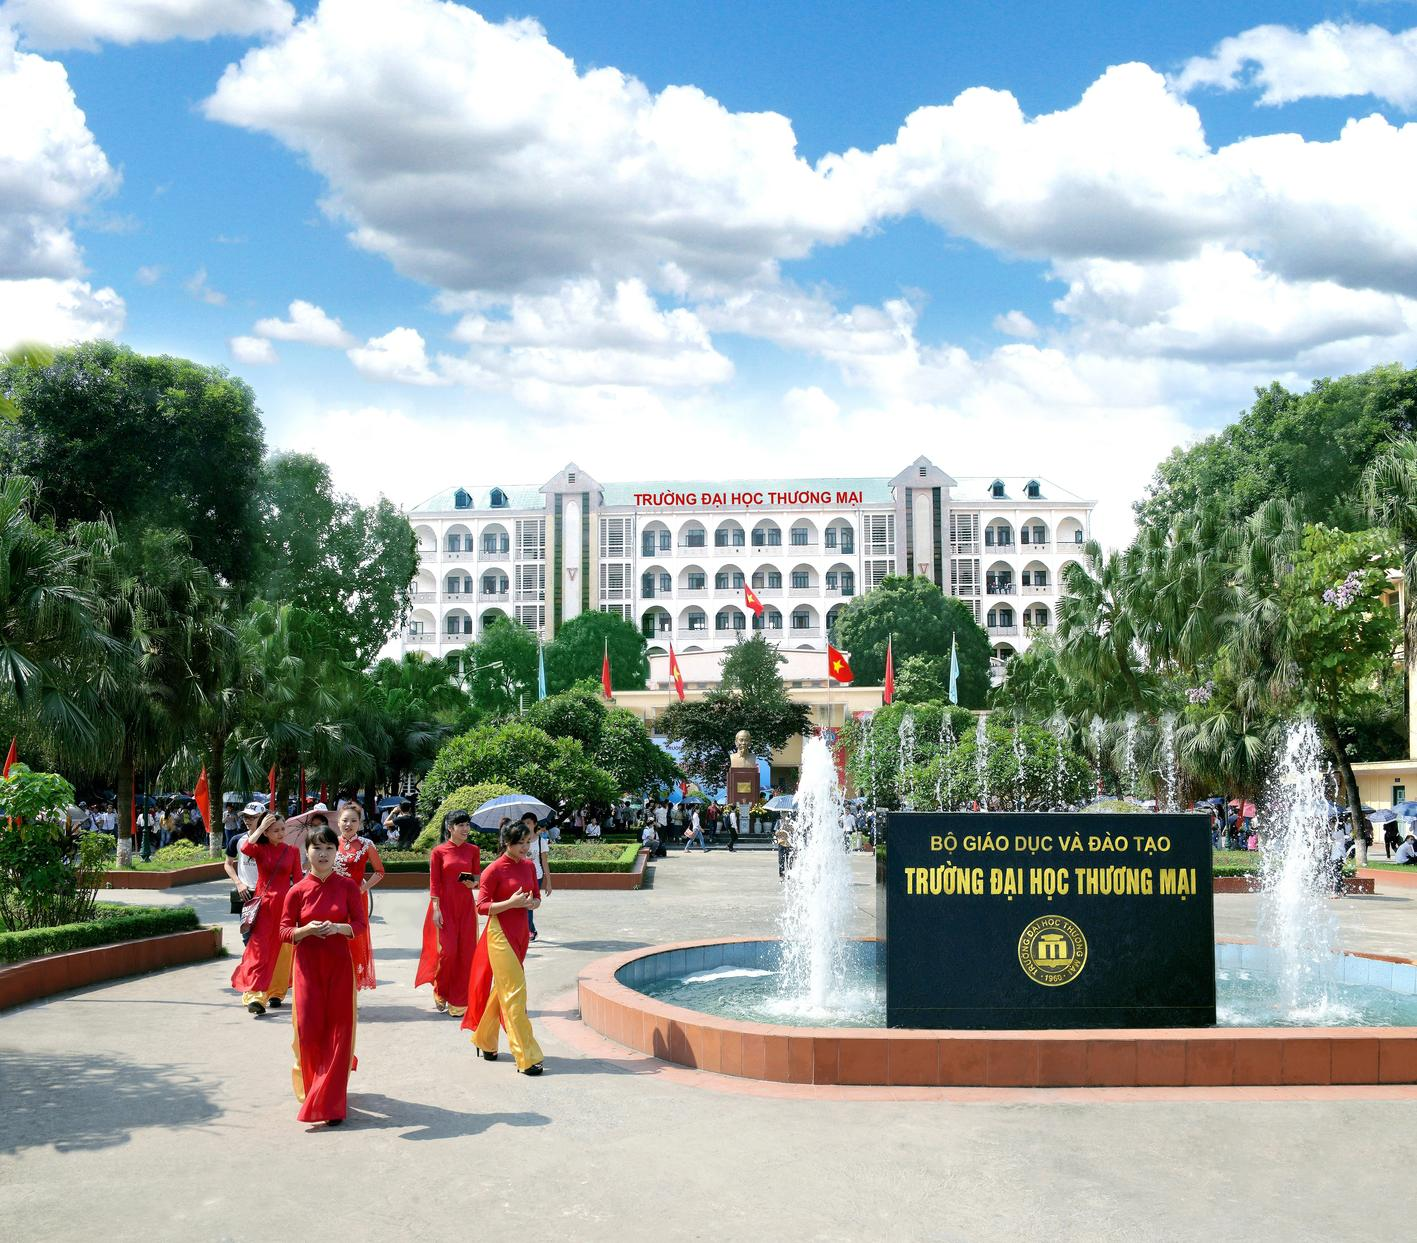 Trường Đại học Thương mại Hà Nội